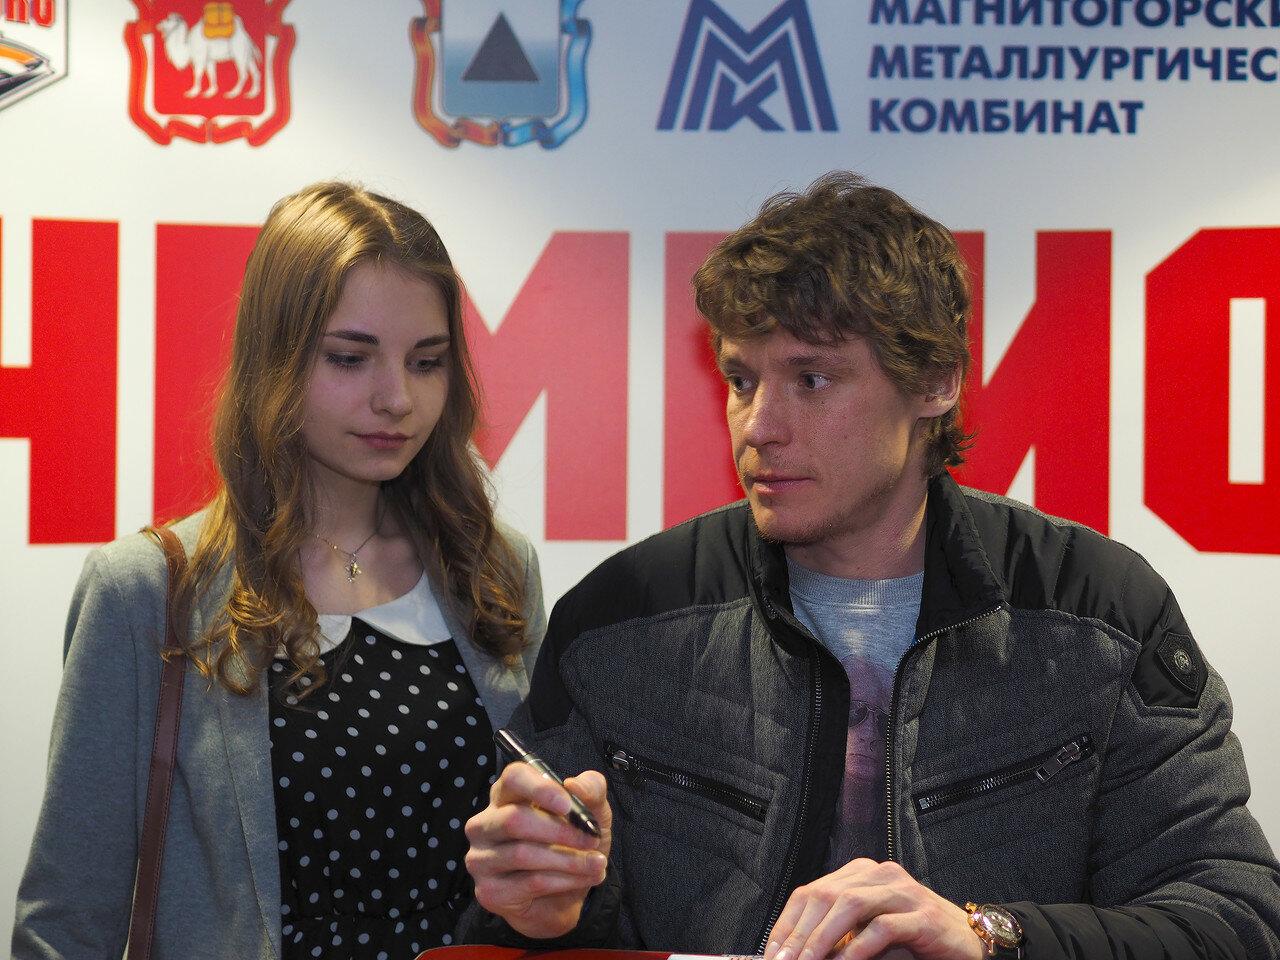 133Металлург - Динамо Москва 28.12.2015